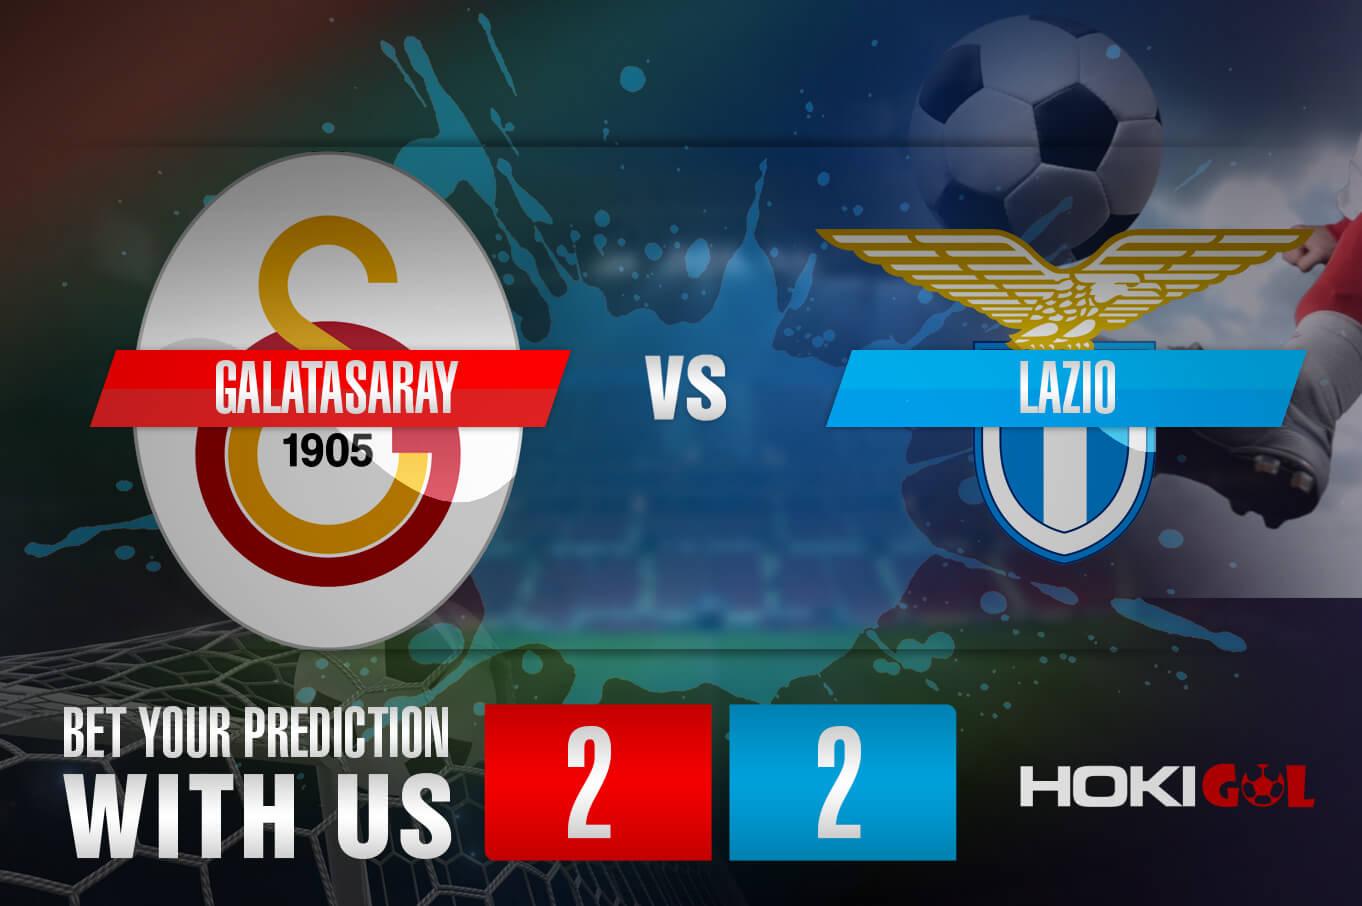 Prediksi Bola Galatasaray Vs Lazio 16 September 2021